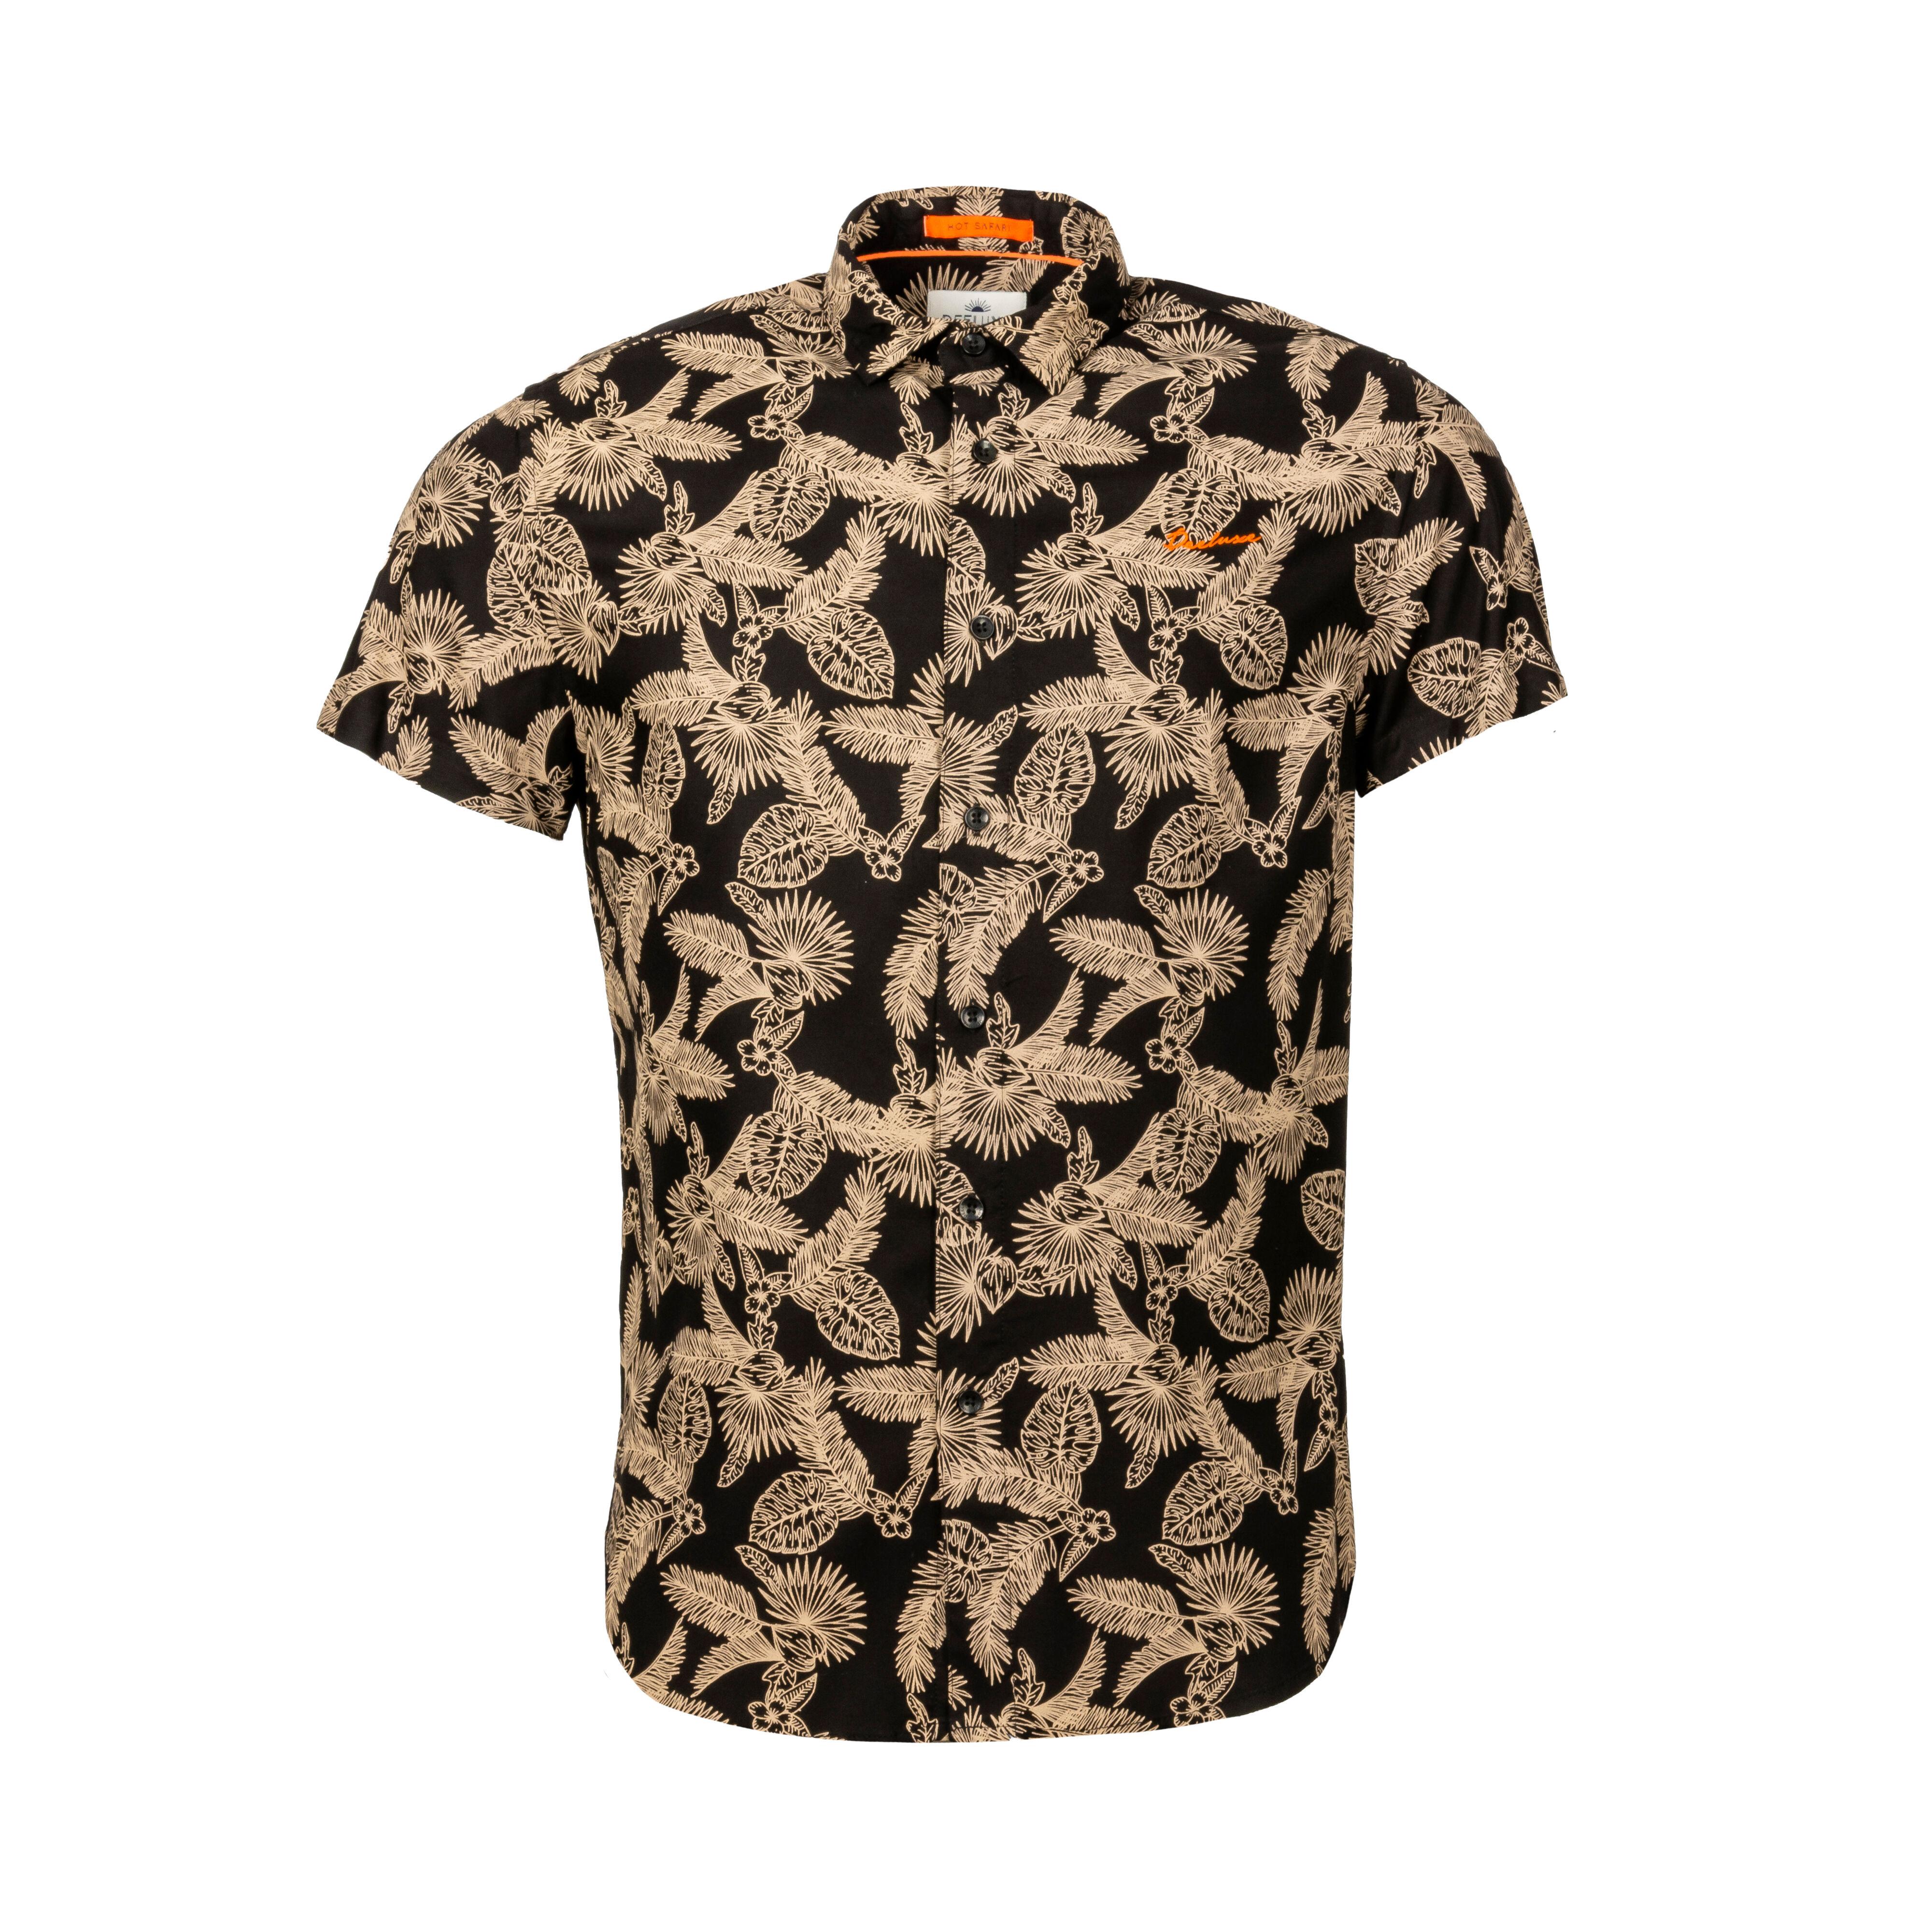 Deeluxe Est. 74 Chemise manches courtes coupe droite Deeluxe Haley en coton mélangé noire à impression beige - NOIR -